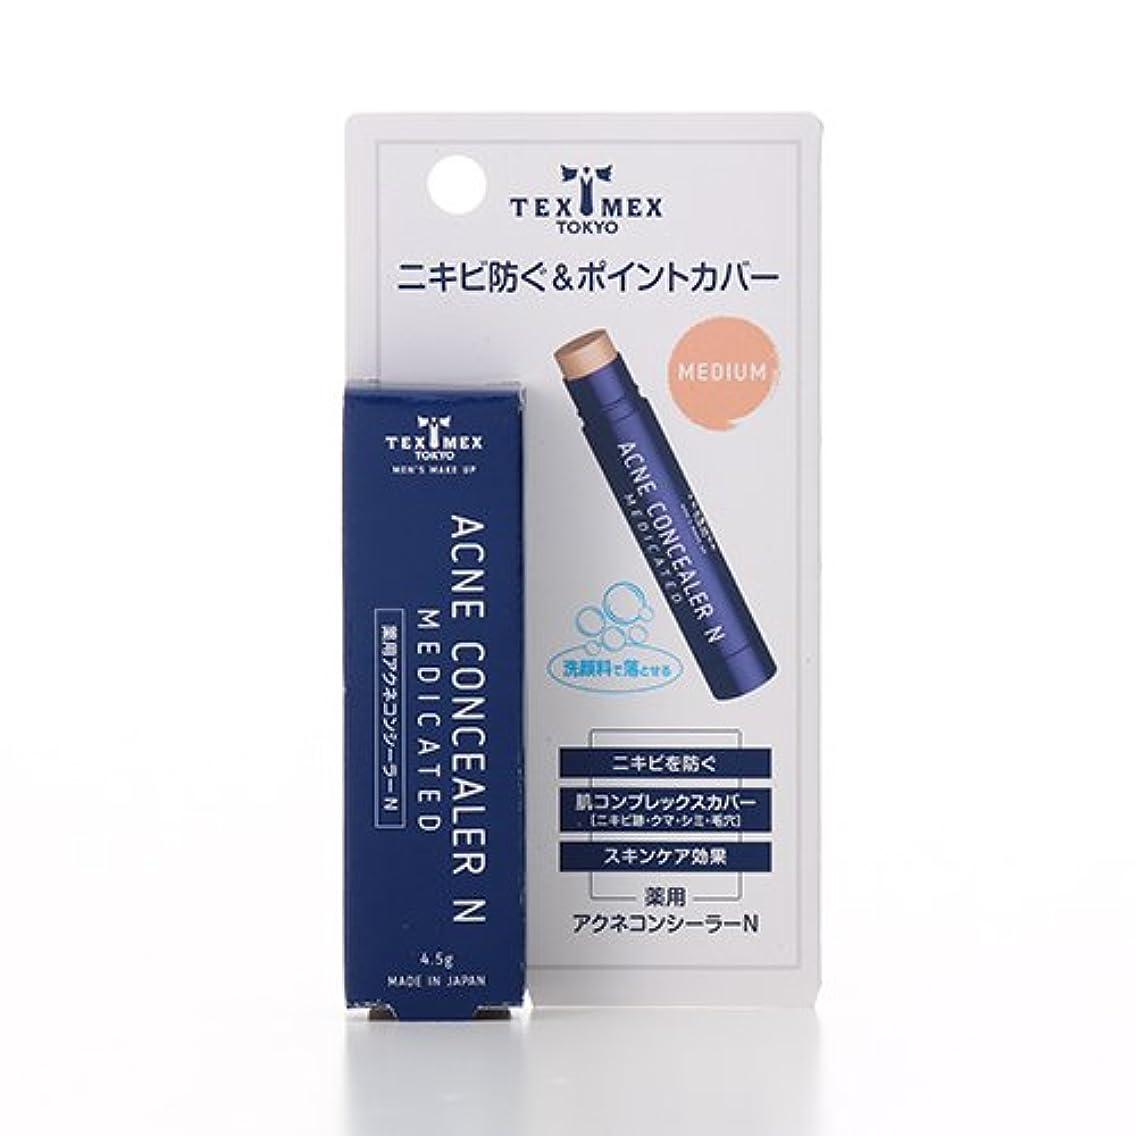 粘液悪い灰テックスメックス 薬用アクネコンシーラーN ミディアム 4.5g (医薬部外品)